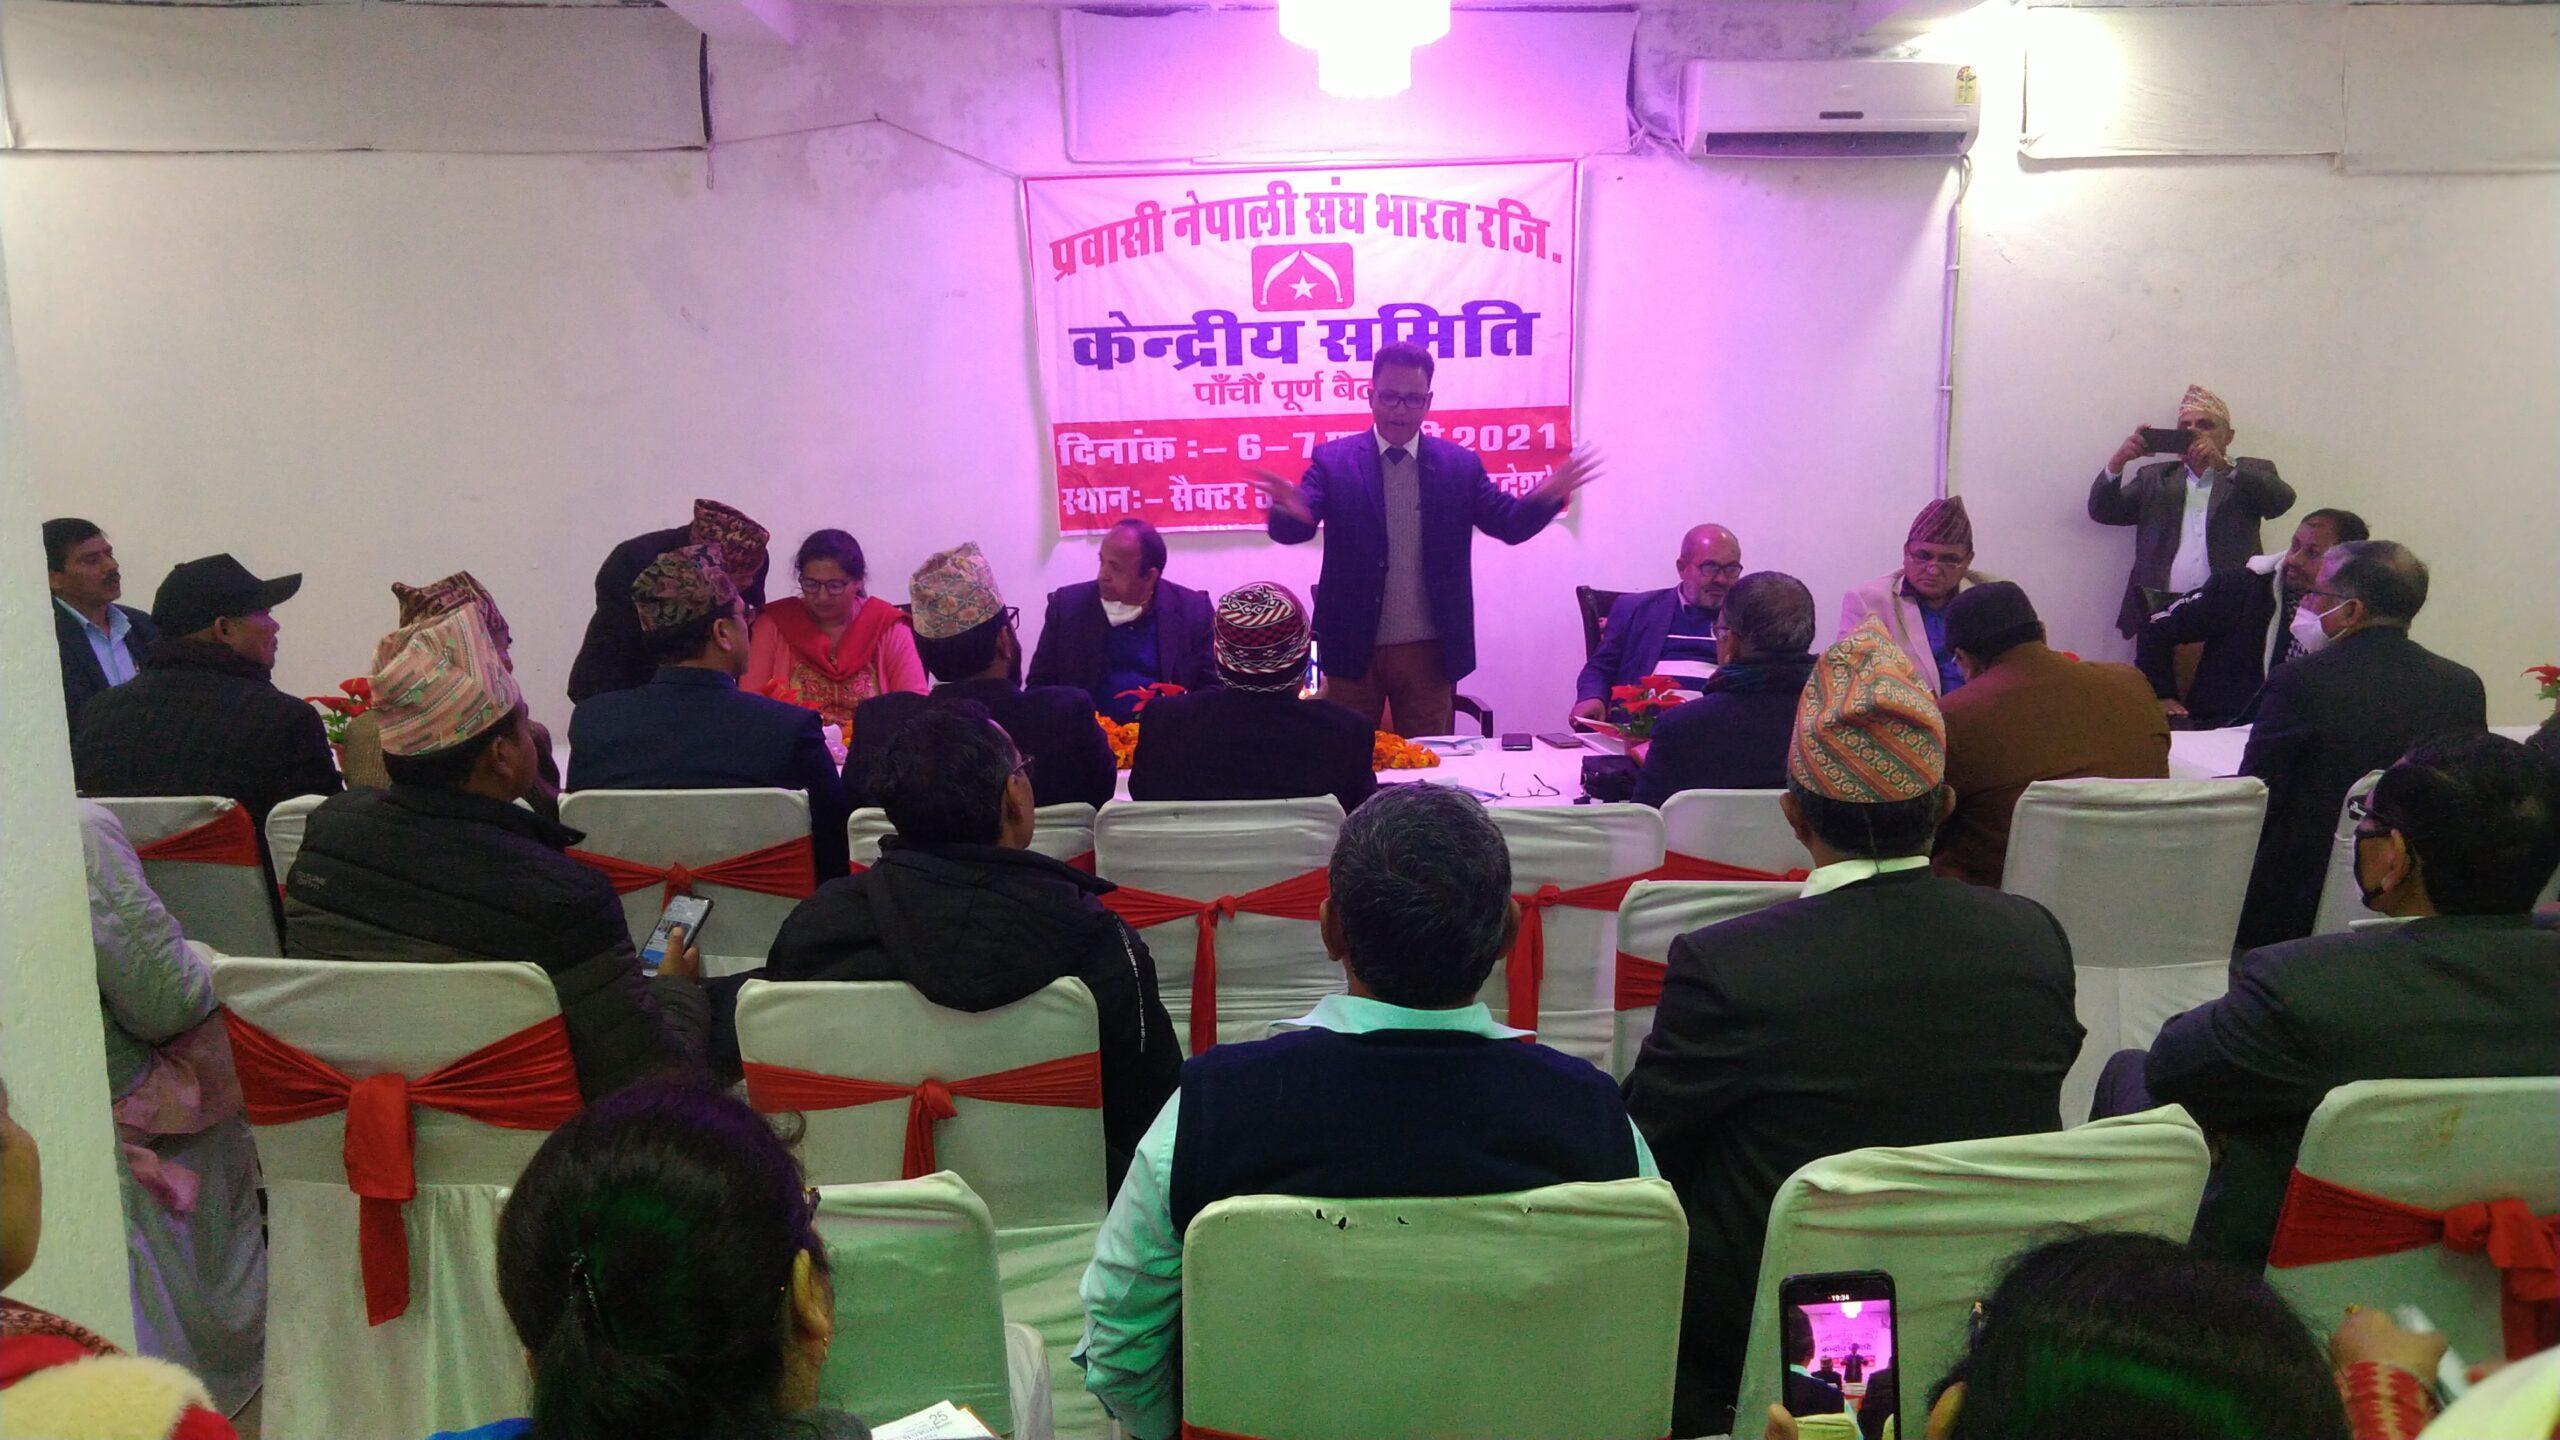 भारतस्थित प्रवासी नेपाली संघमा नेकपा विवादको बाछिटा, ओली समूहले गर्यो पूर्व समितिमा फेरबदल